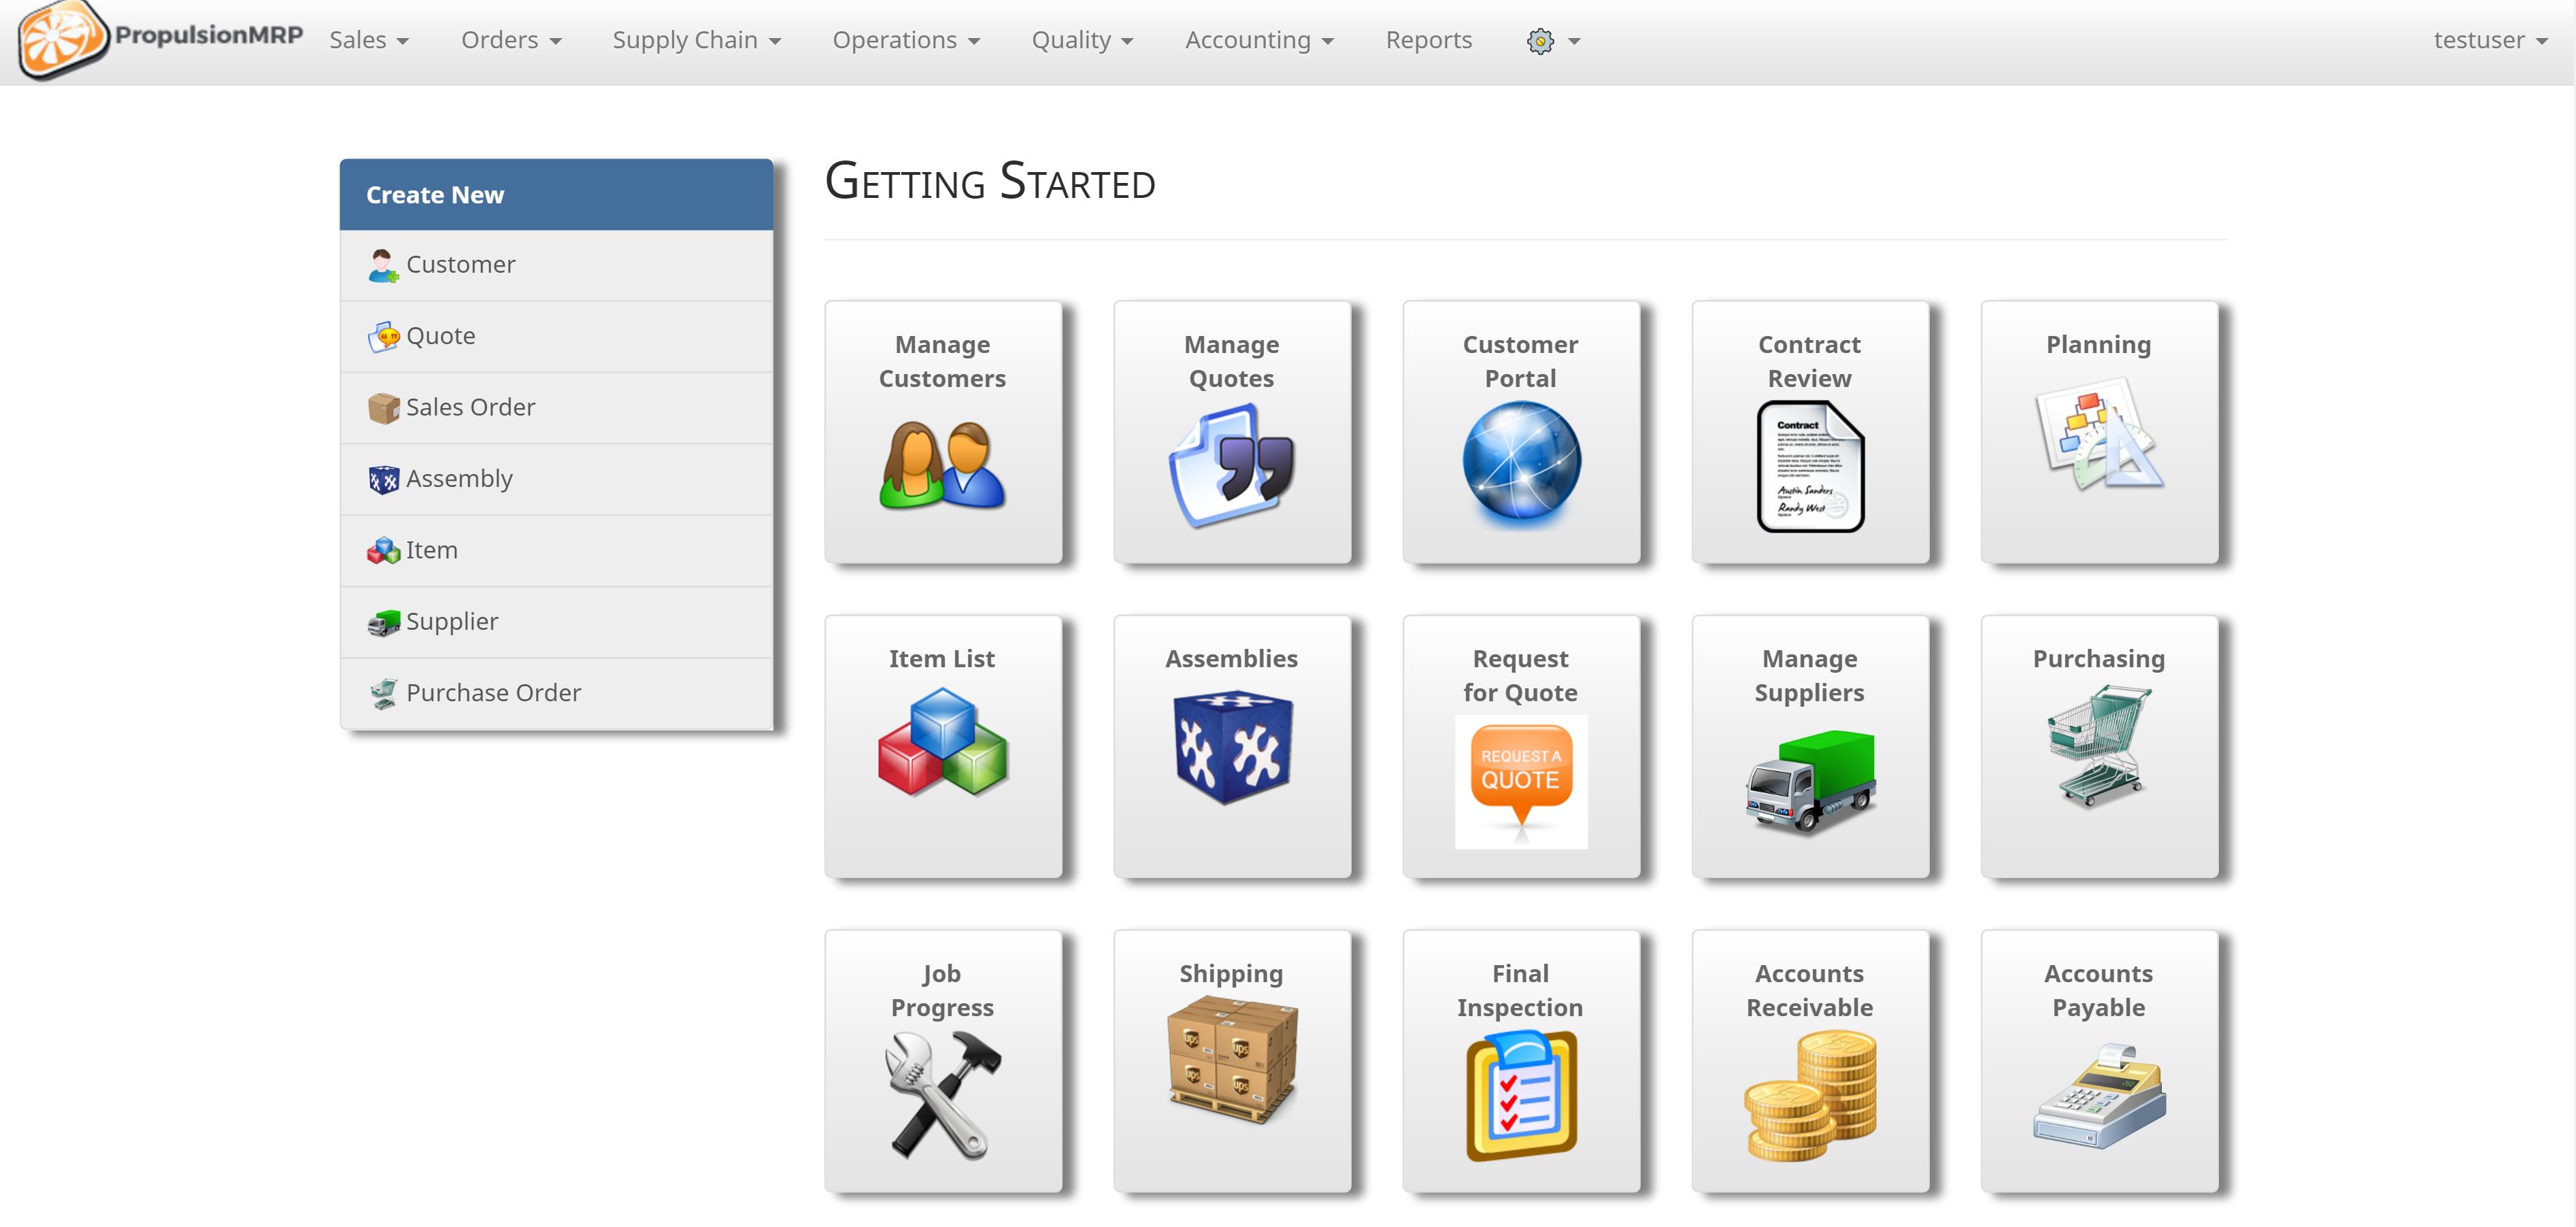 PropulsionMRP Software - Home screen